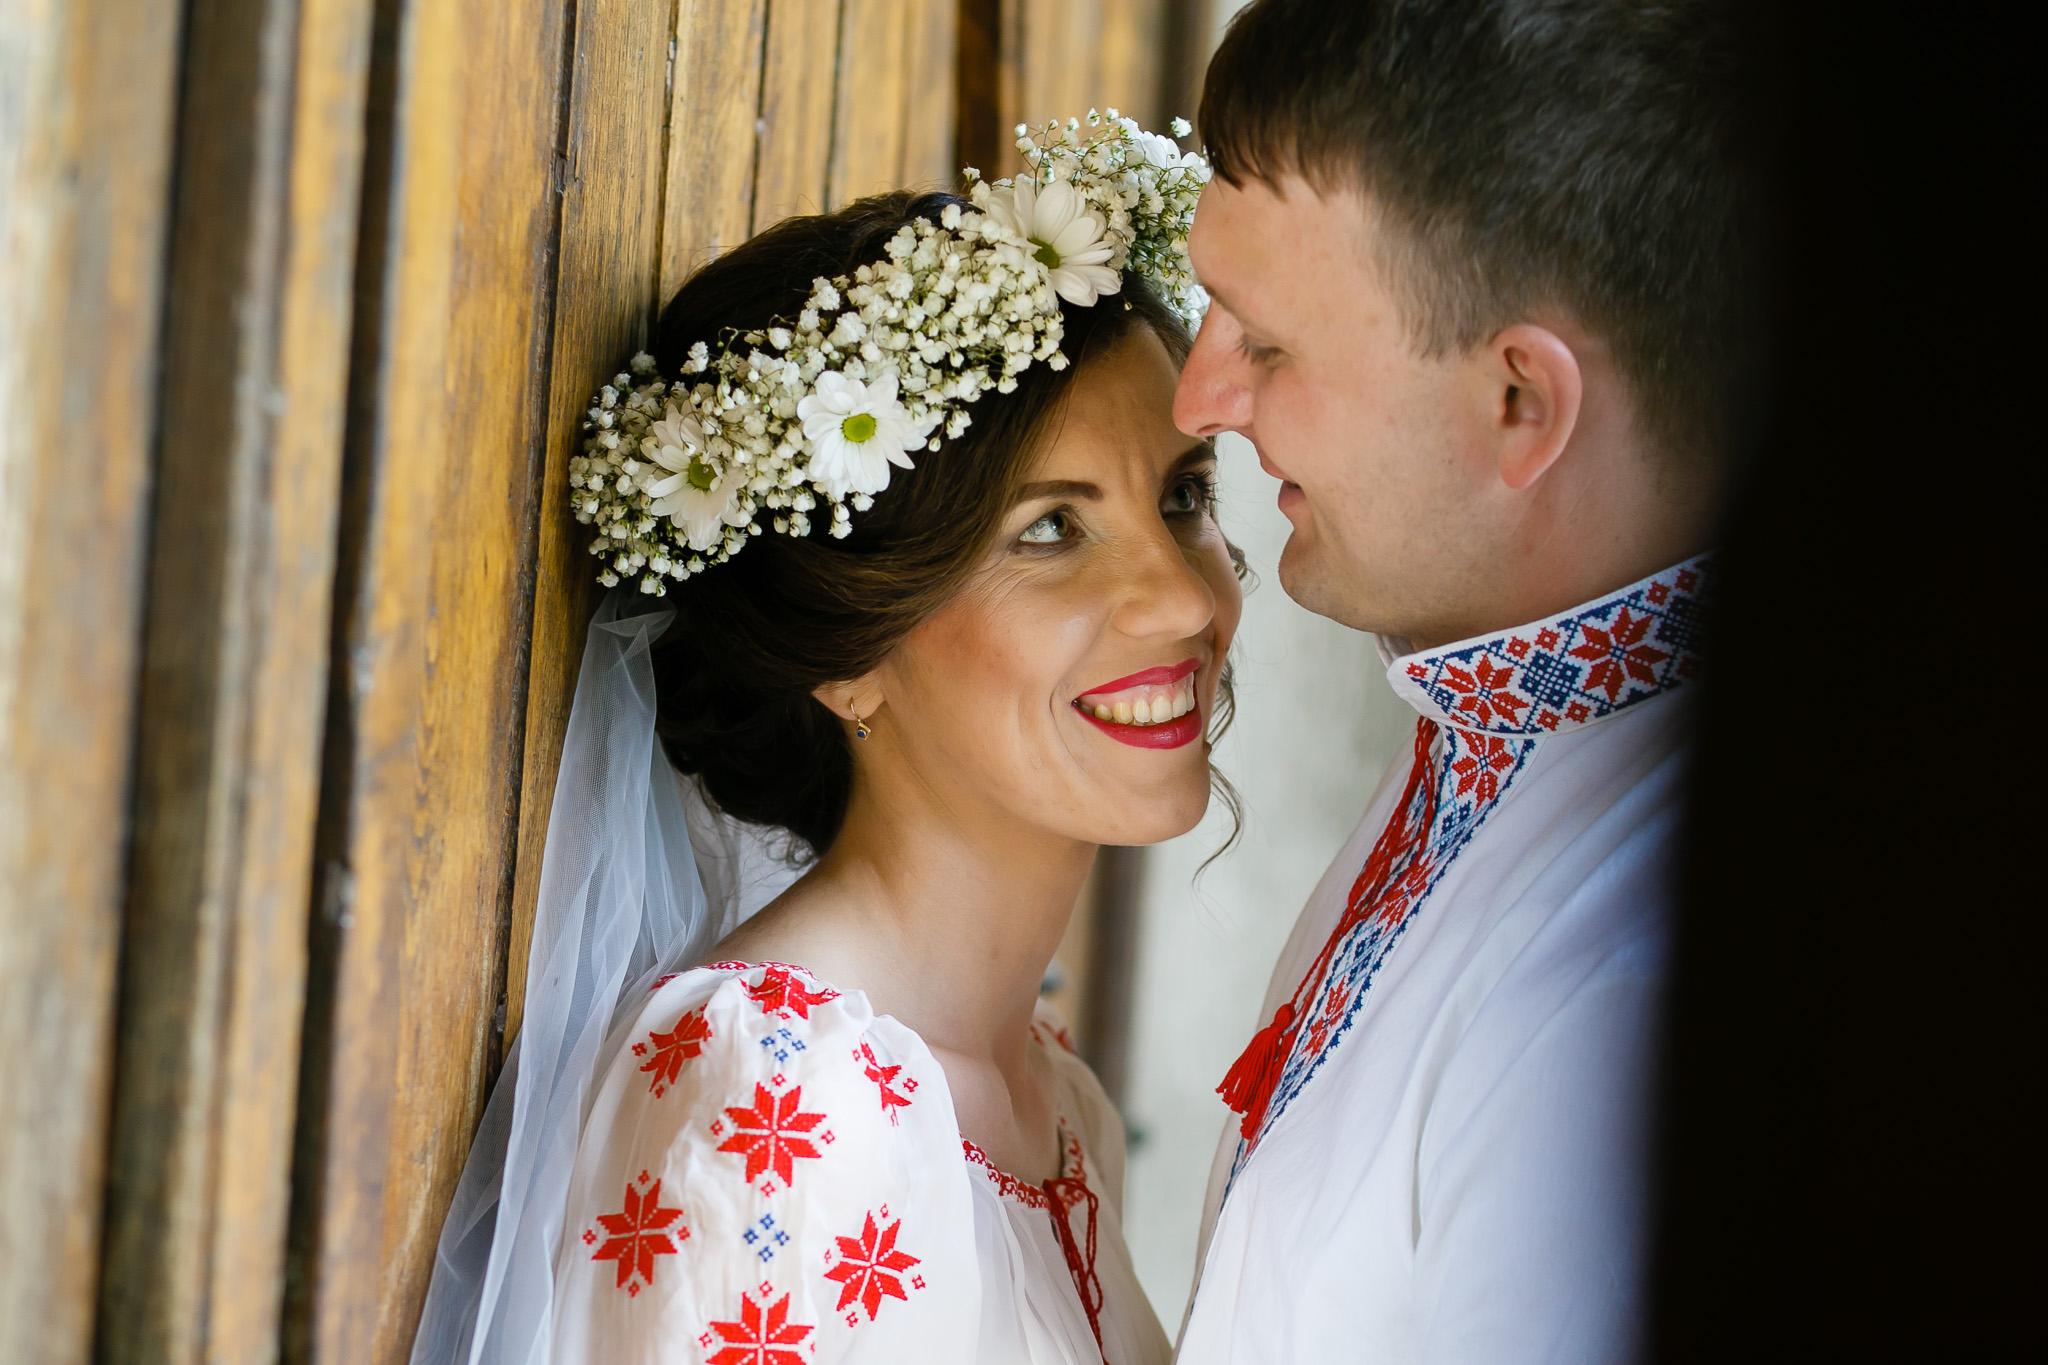 Nuntă tradițională Elisabeta și Alexandru fotograf profesionist nunta Iasi www.paulpadurariu.ro © 2018 Paul Padurariu fotograf de nunta Iasi sedinta foto miri 12